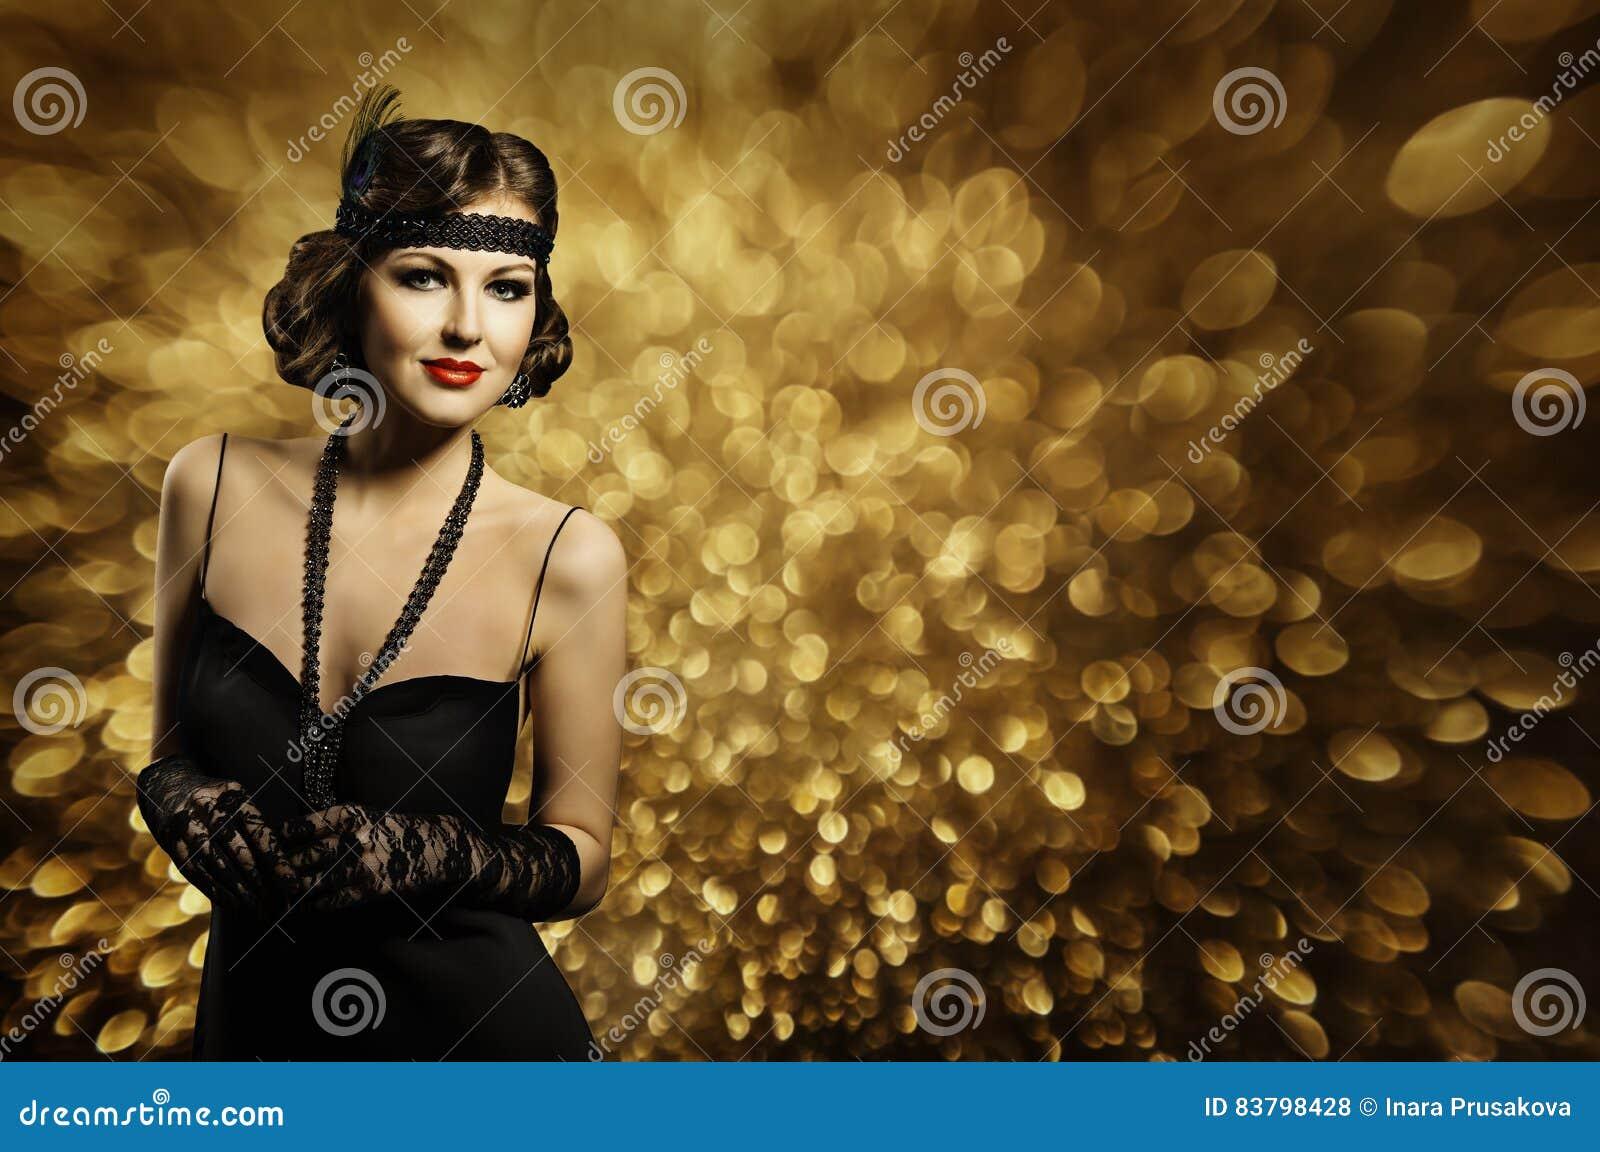 Mode-Frauen-Frisur bilden, elegante Retro- Dame, Schwarz-Kleid